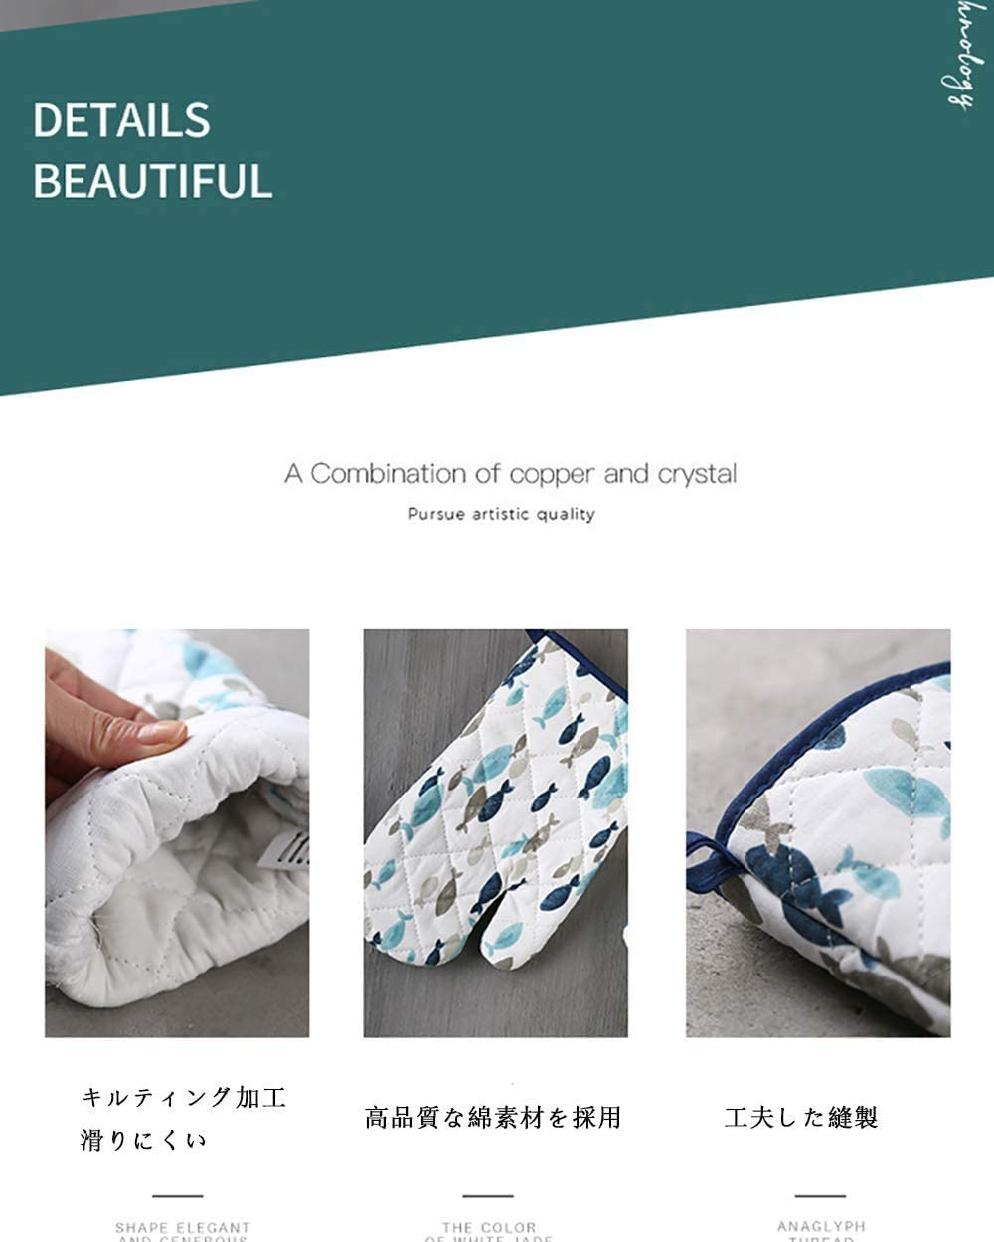 careme(カレーム)耐熱鍋つかみ 耐熱ミトン 北欧デザイン (柄1)ホワイト×ブルーの商品画像6